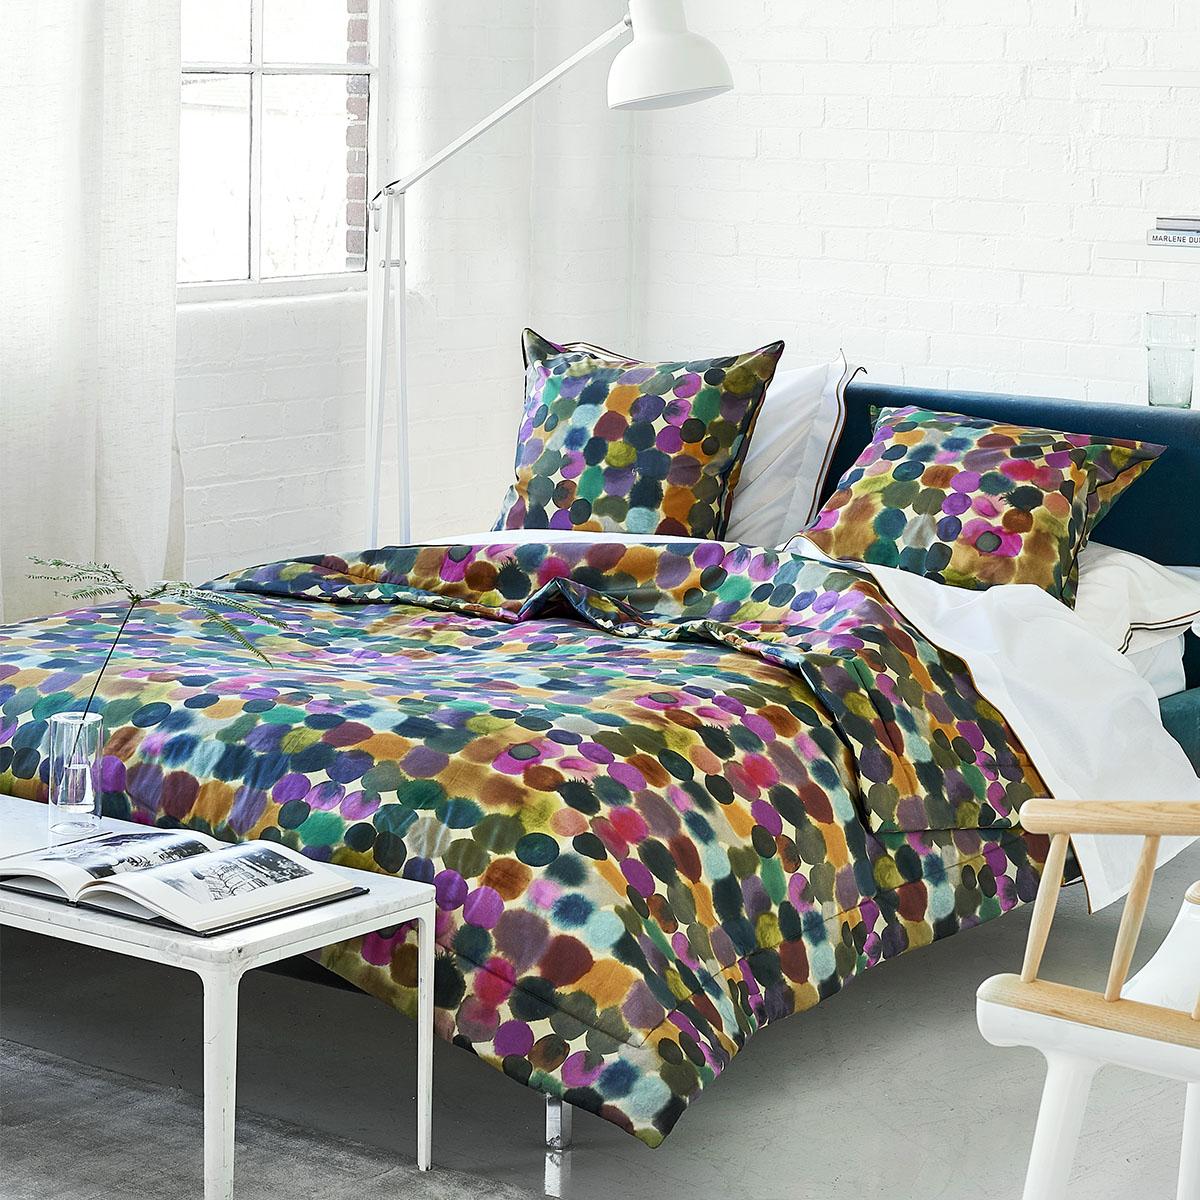 Housse de couette imprimée en coton multicolore 140x200